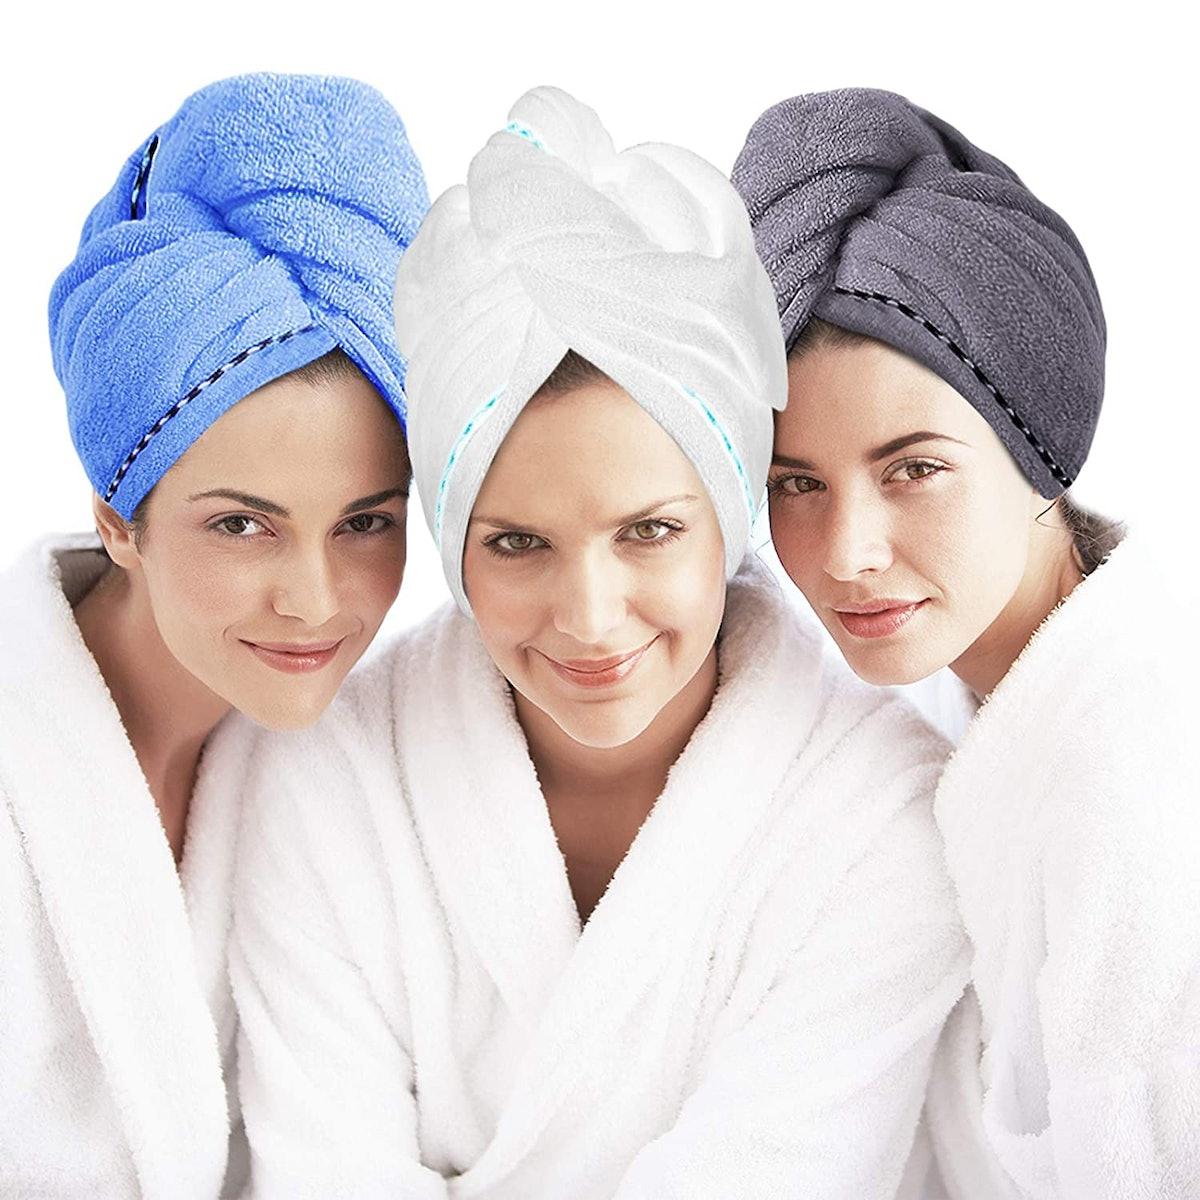 Laluztop Microfiber Hair Towels (3 Pack)